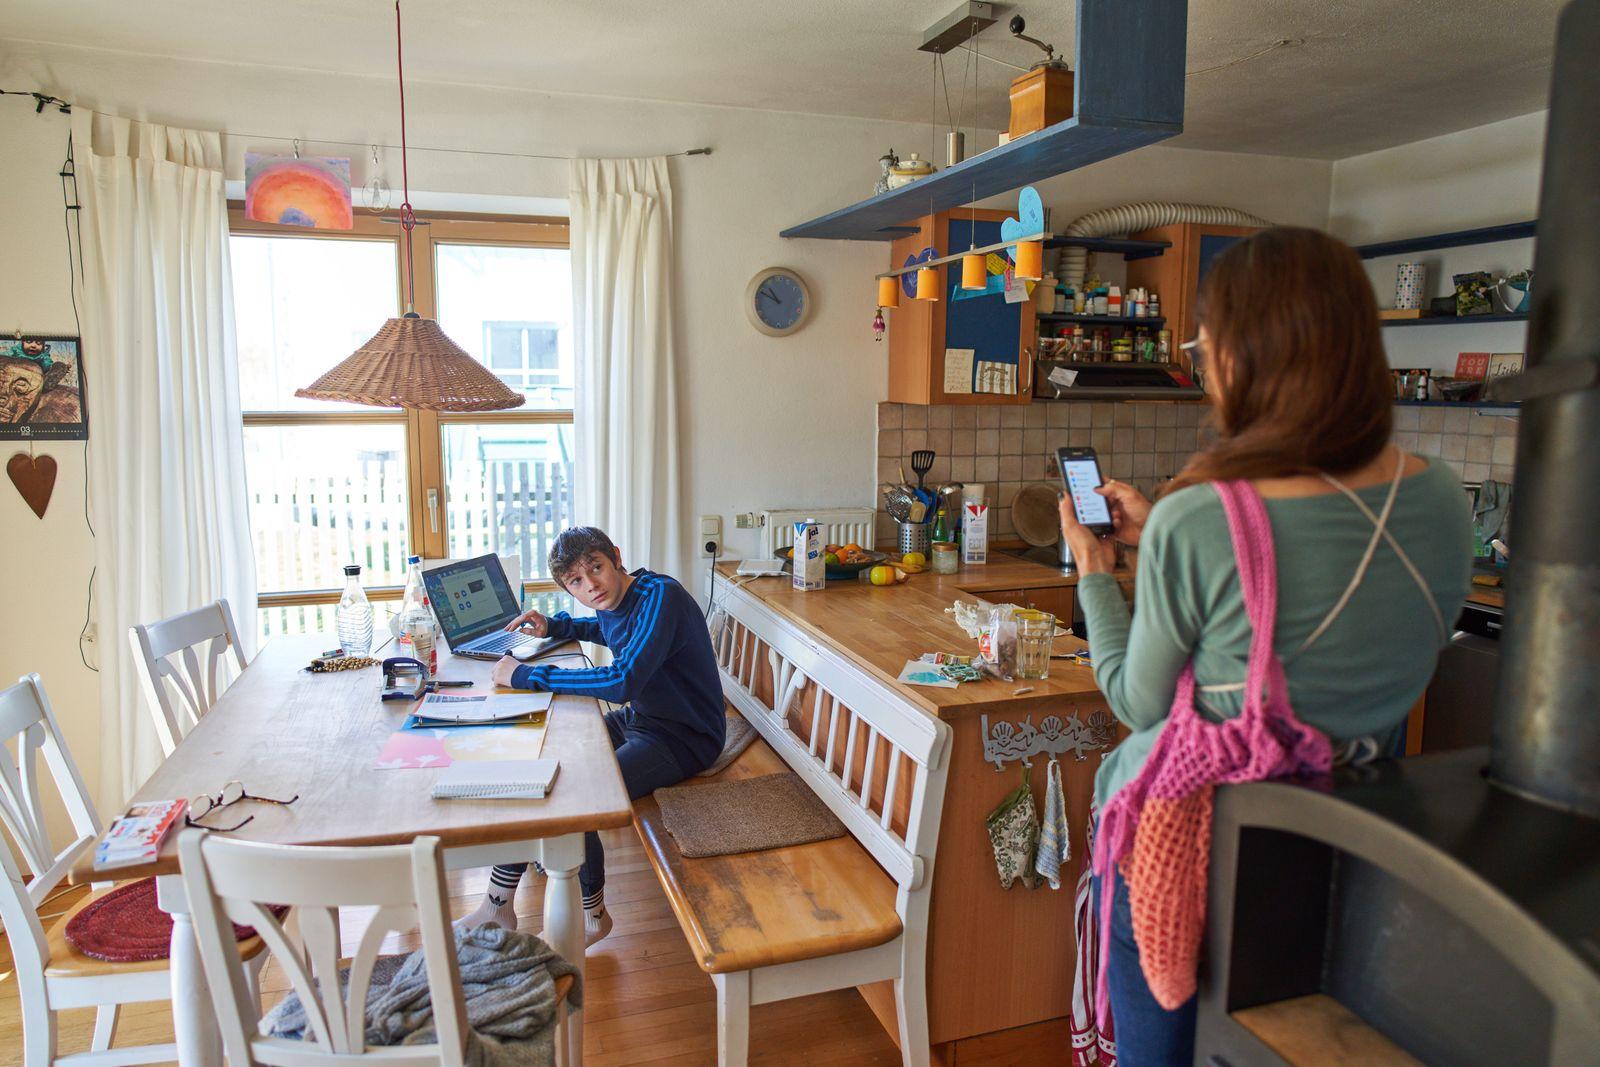 Corona-Krise: Kontaktsperre - das eingeschränkte Leben zu Hause